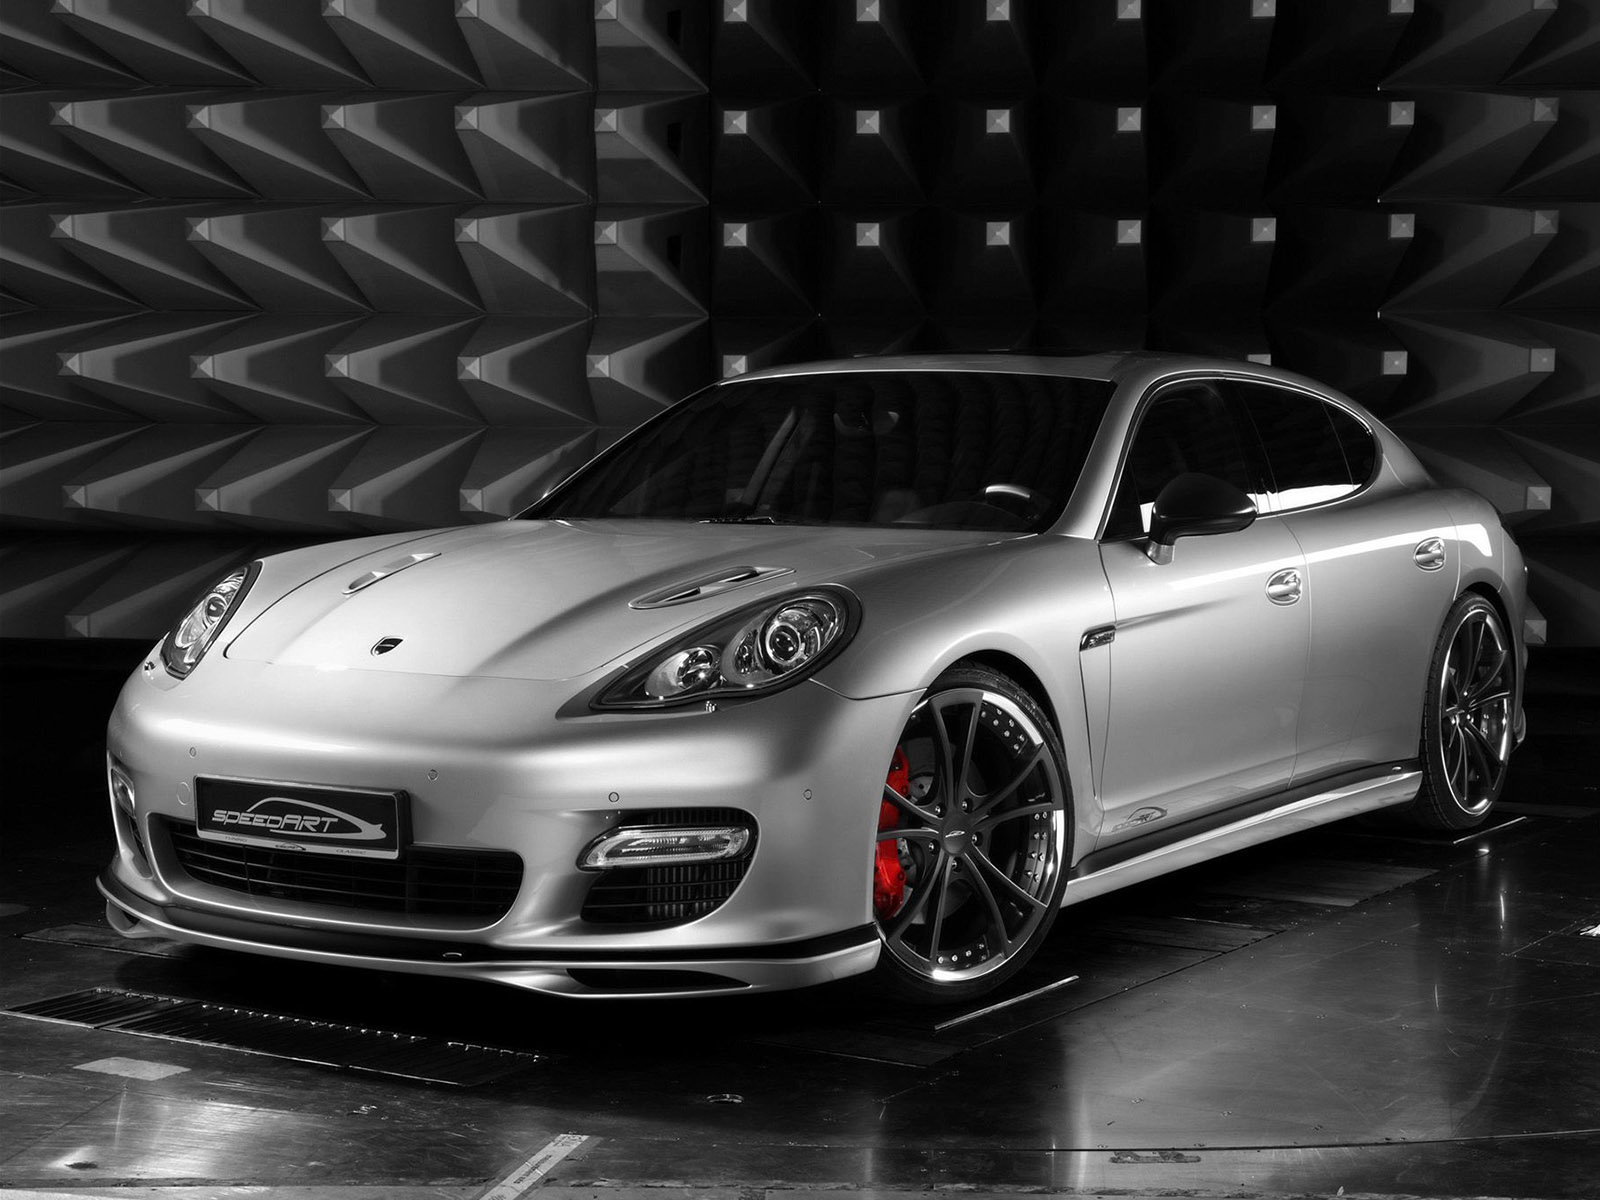 2009 Speedart Porsche Panamera PS9 650